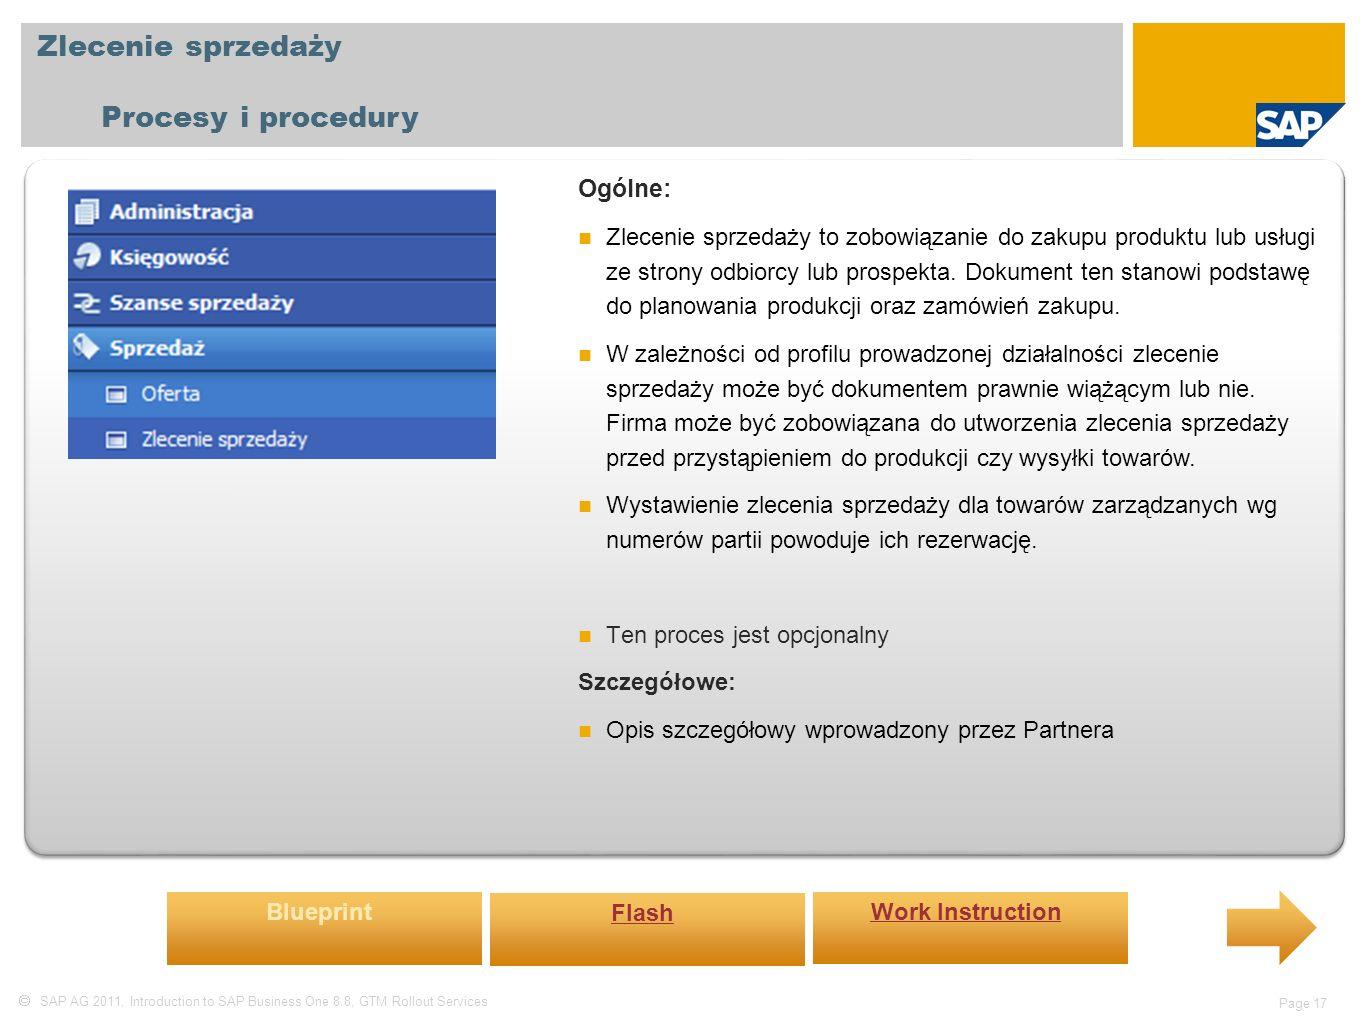  SAP AG 2011, Introduction to SAP Business One 8.8, GTM Rollout Services Page 17 Zlecenie sprzedaży Procesy i procedury Ogólne: Zlecenie sprzedaży to zobowiązanie do zakupu produktu lub usługi ze strony odbiorcy lub prospekta.